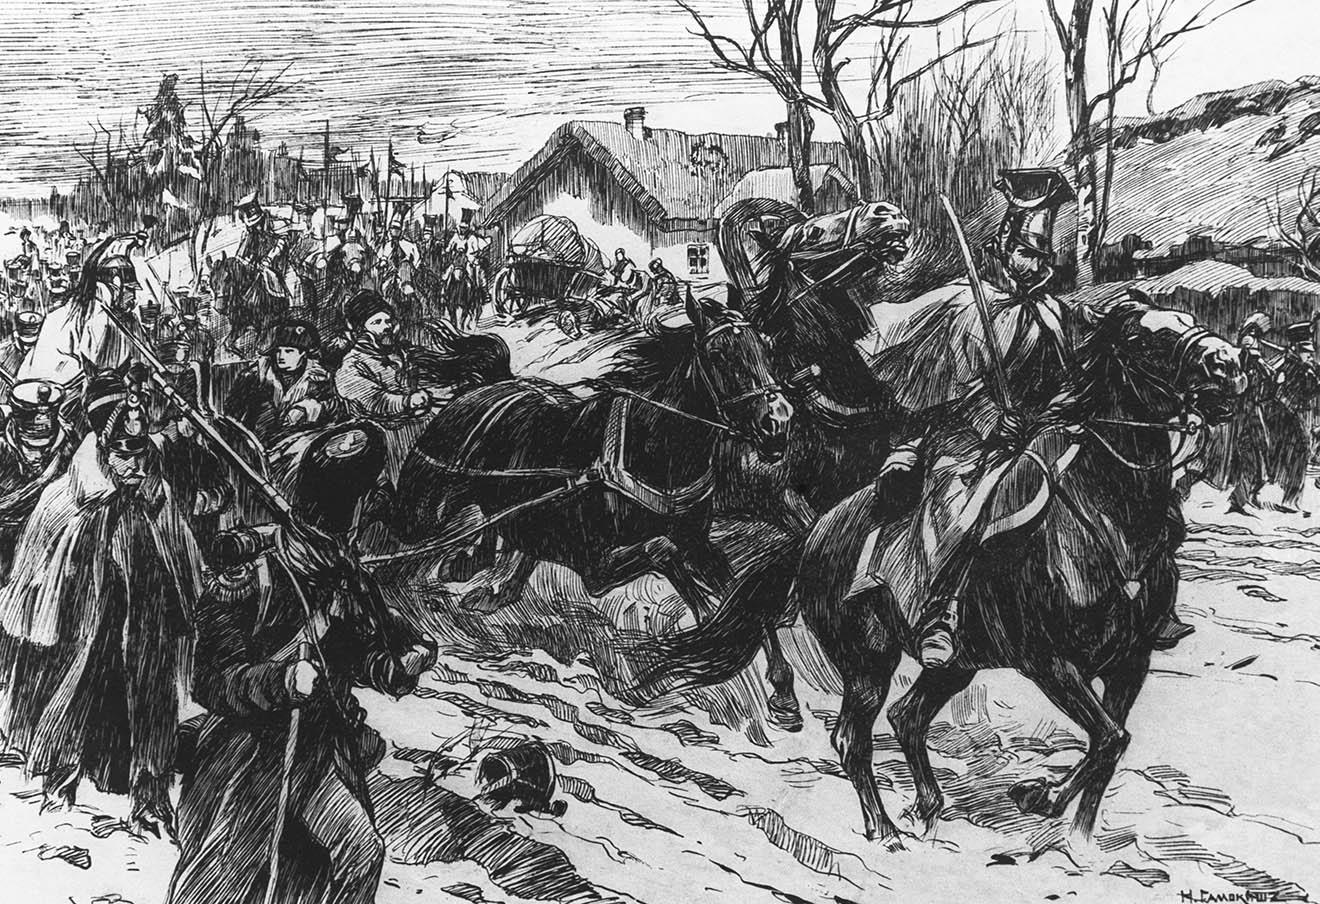 Картина «Наполеон оставляет армию в Сморгони 3 ноября 1812 года» (Николай Самокиш, 1912 год). Репродукция Фотохроники ТАСС